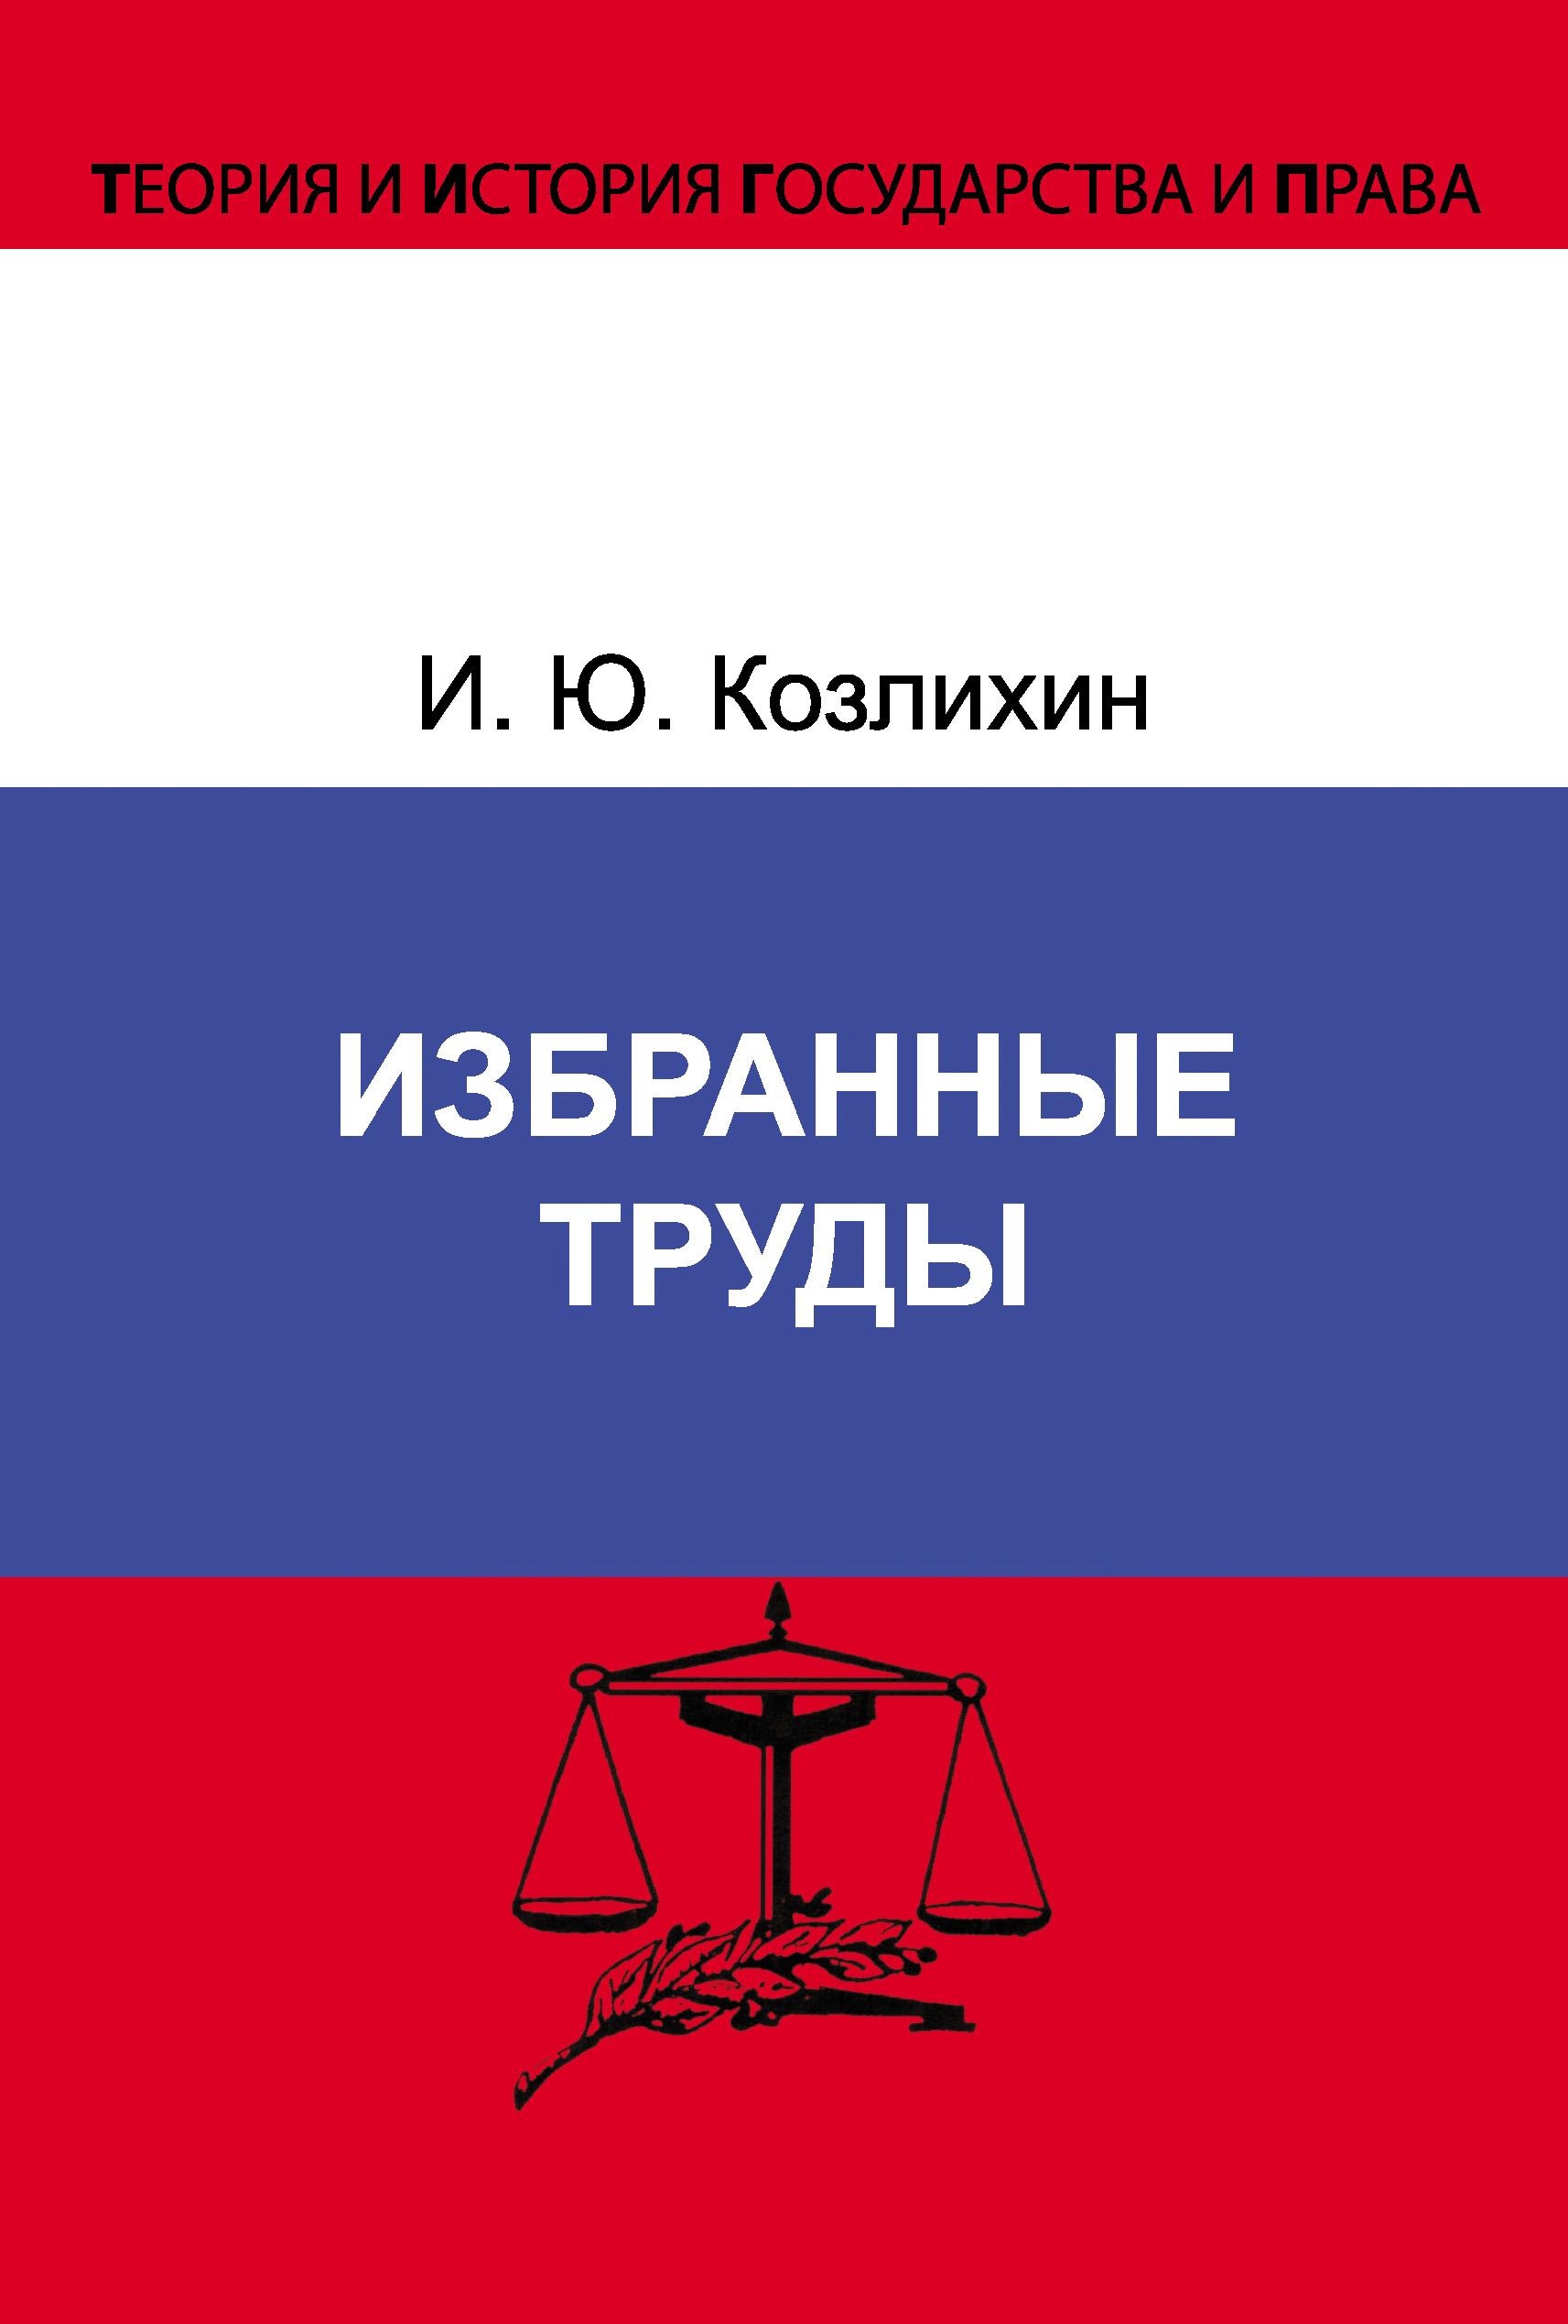 И. Ю. Козлихин Избранные труды все цены